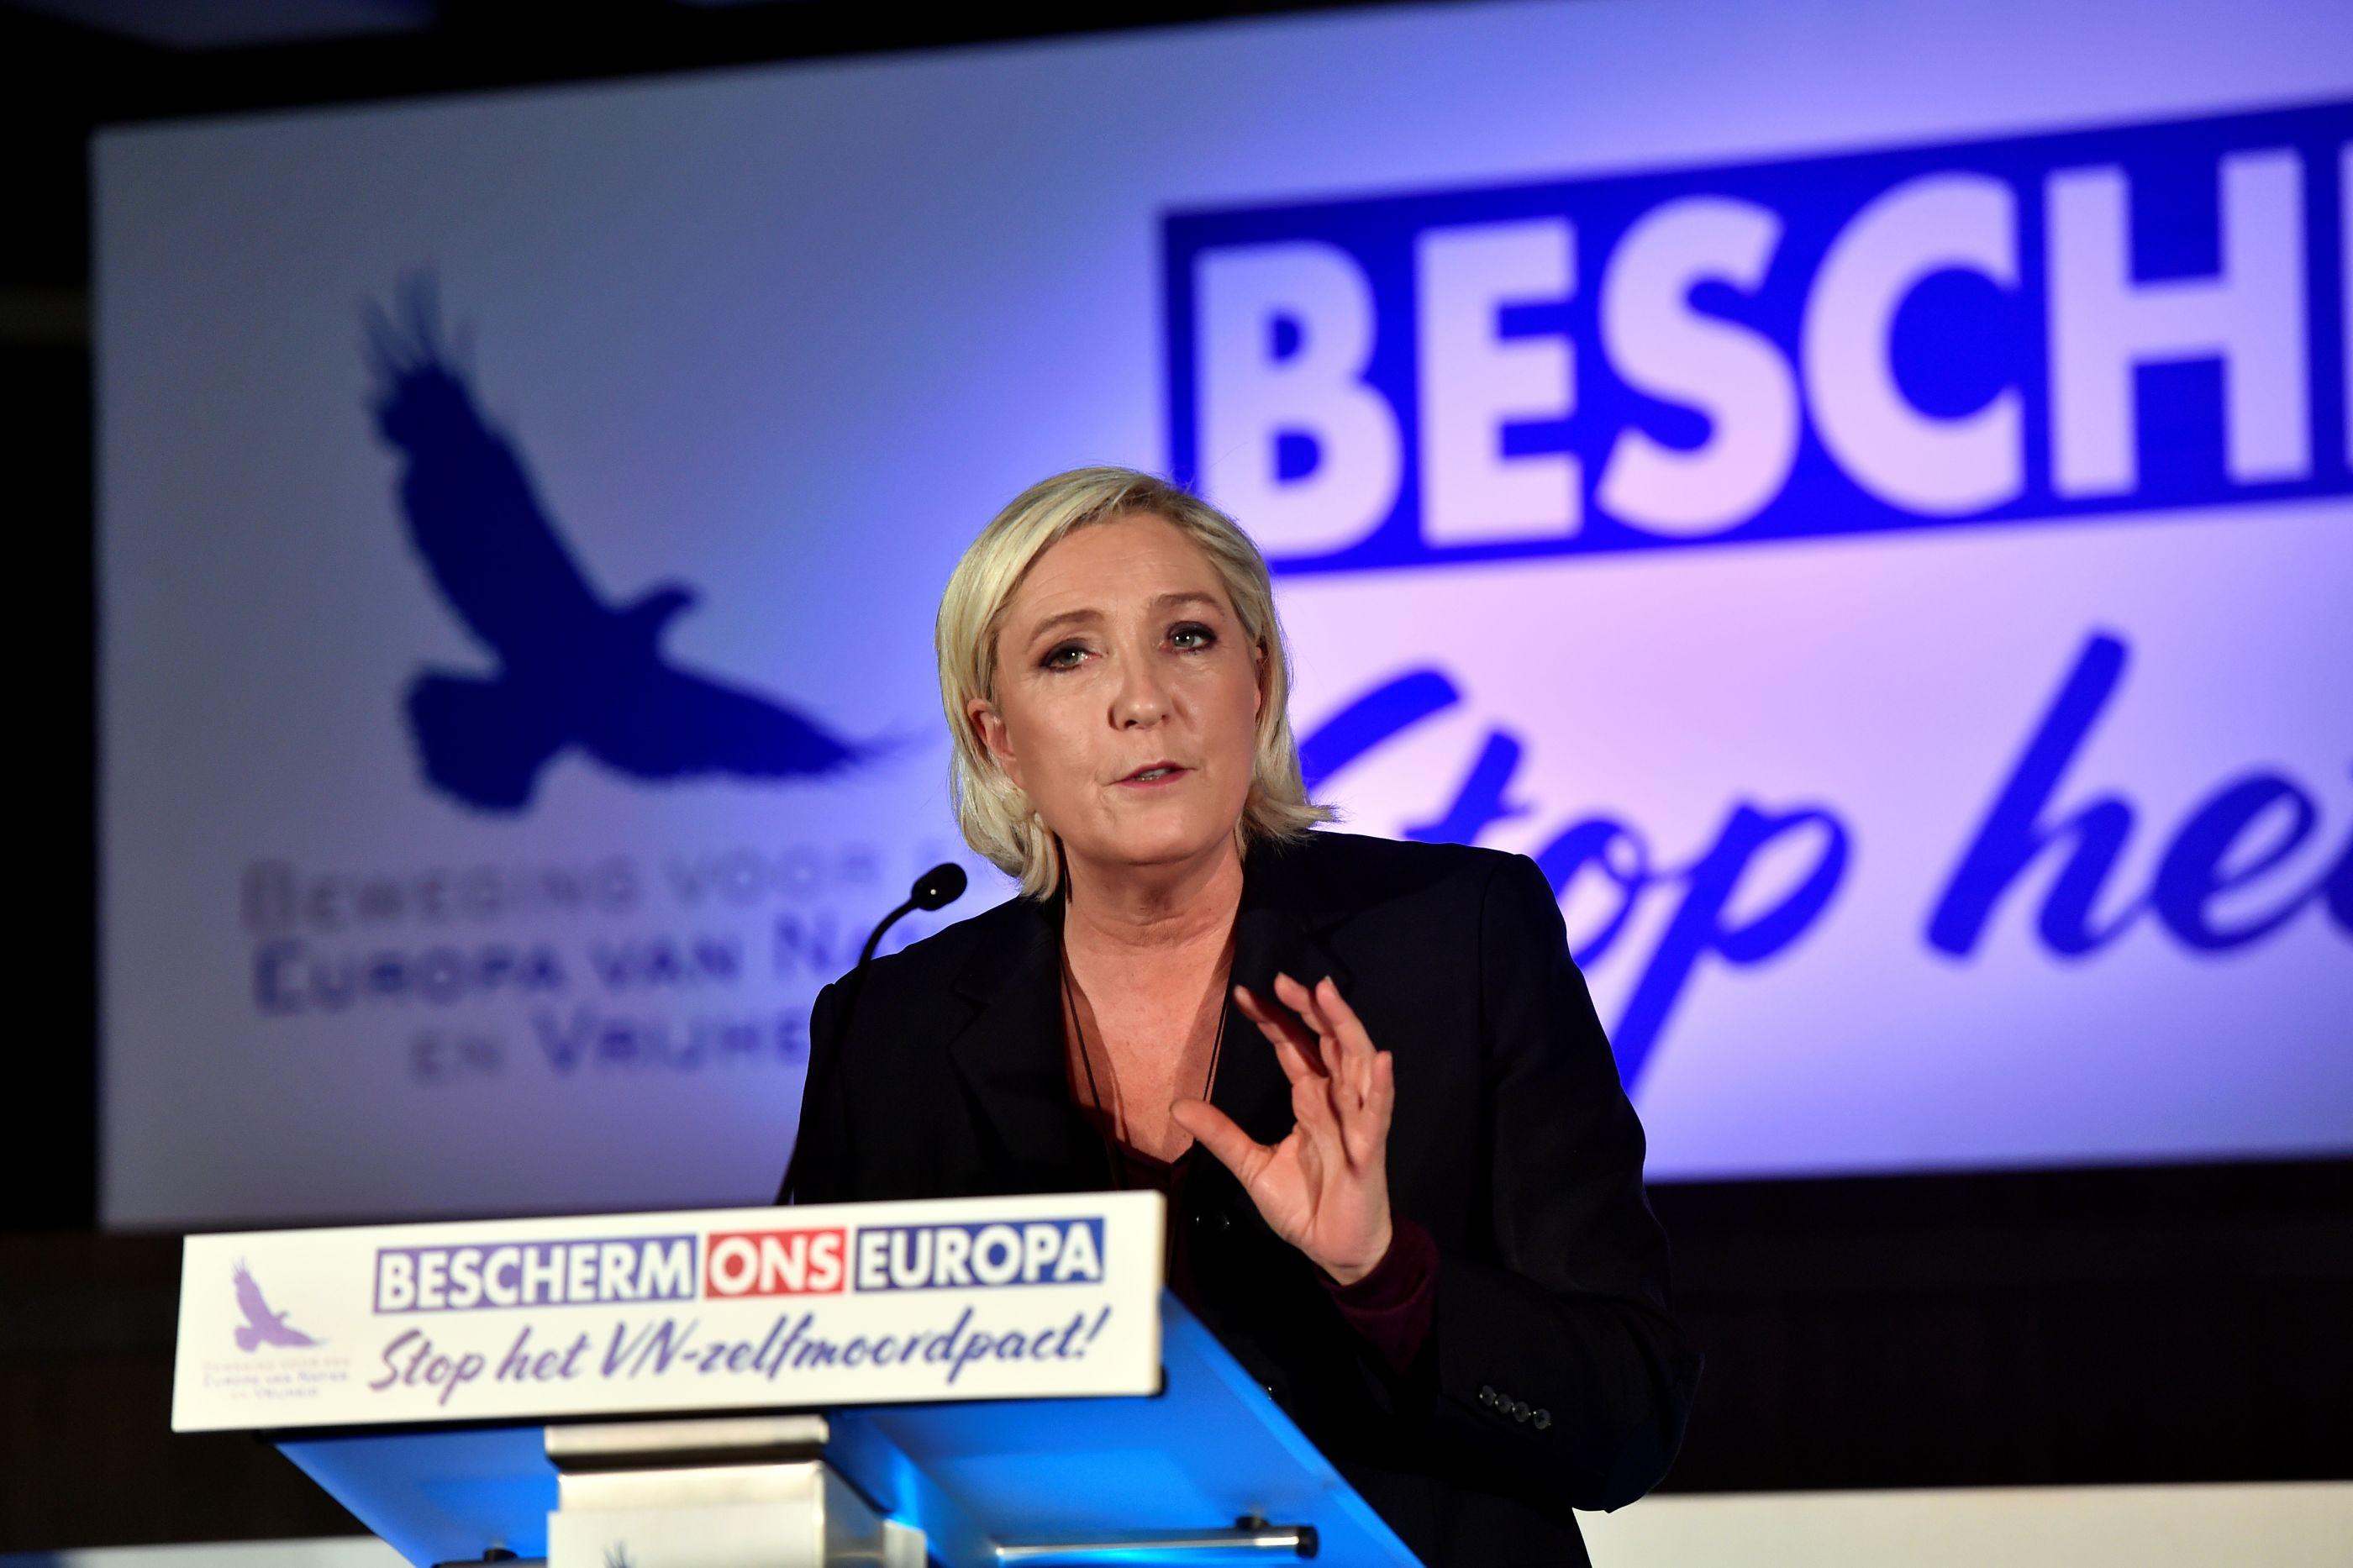 """Le Pen pede """"respostas fortes"""" a """"sofrimento"""" dos 'coletes amarelos'"""